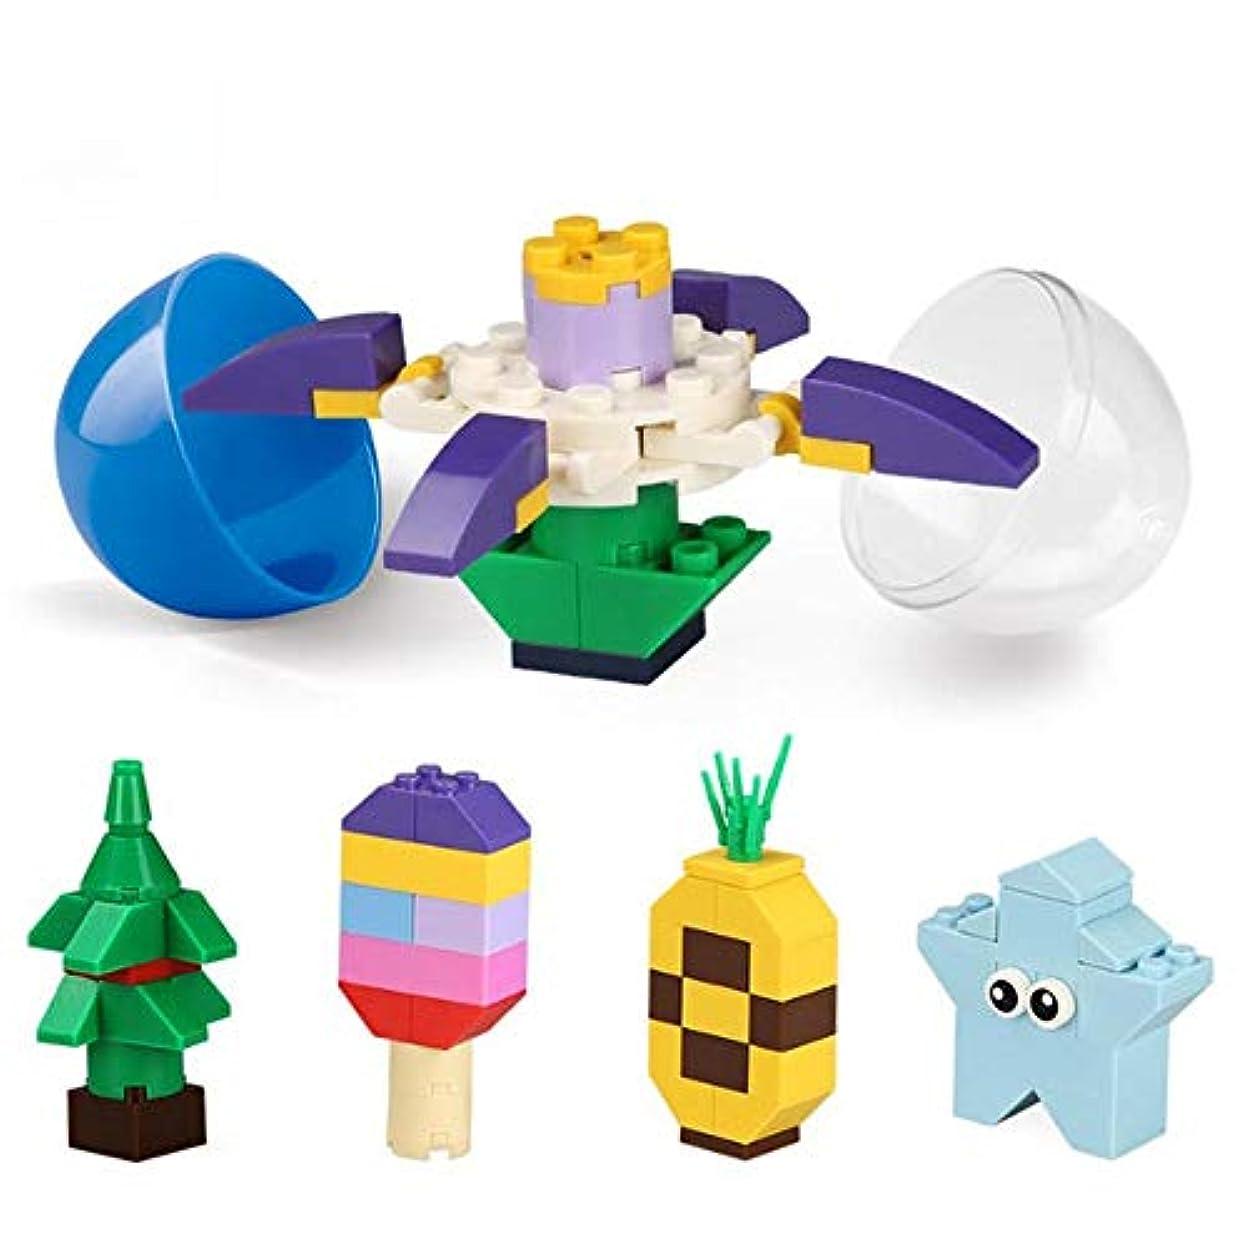 リンク急降下自分積み木玩具 子供3-12歳小さな粒子が挿入ブロックアメージング小ツイスト卵のパズル子供のおもちゃスペル 知育玩具 贈り物 誕生日お祝い クリスマスプレゼント (Color : Multi-colored, Size : One size)